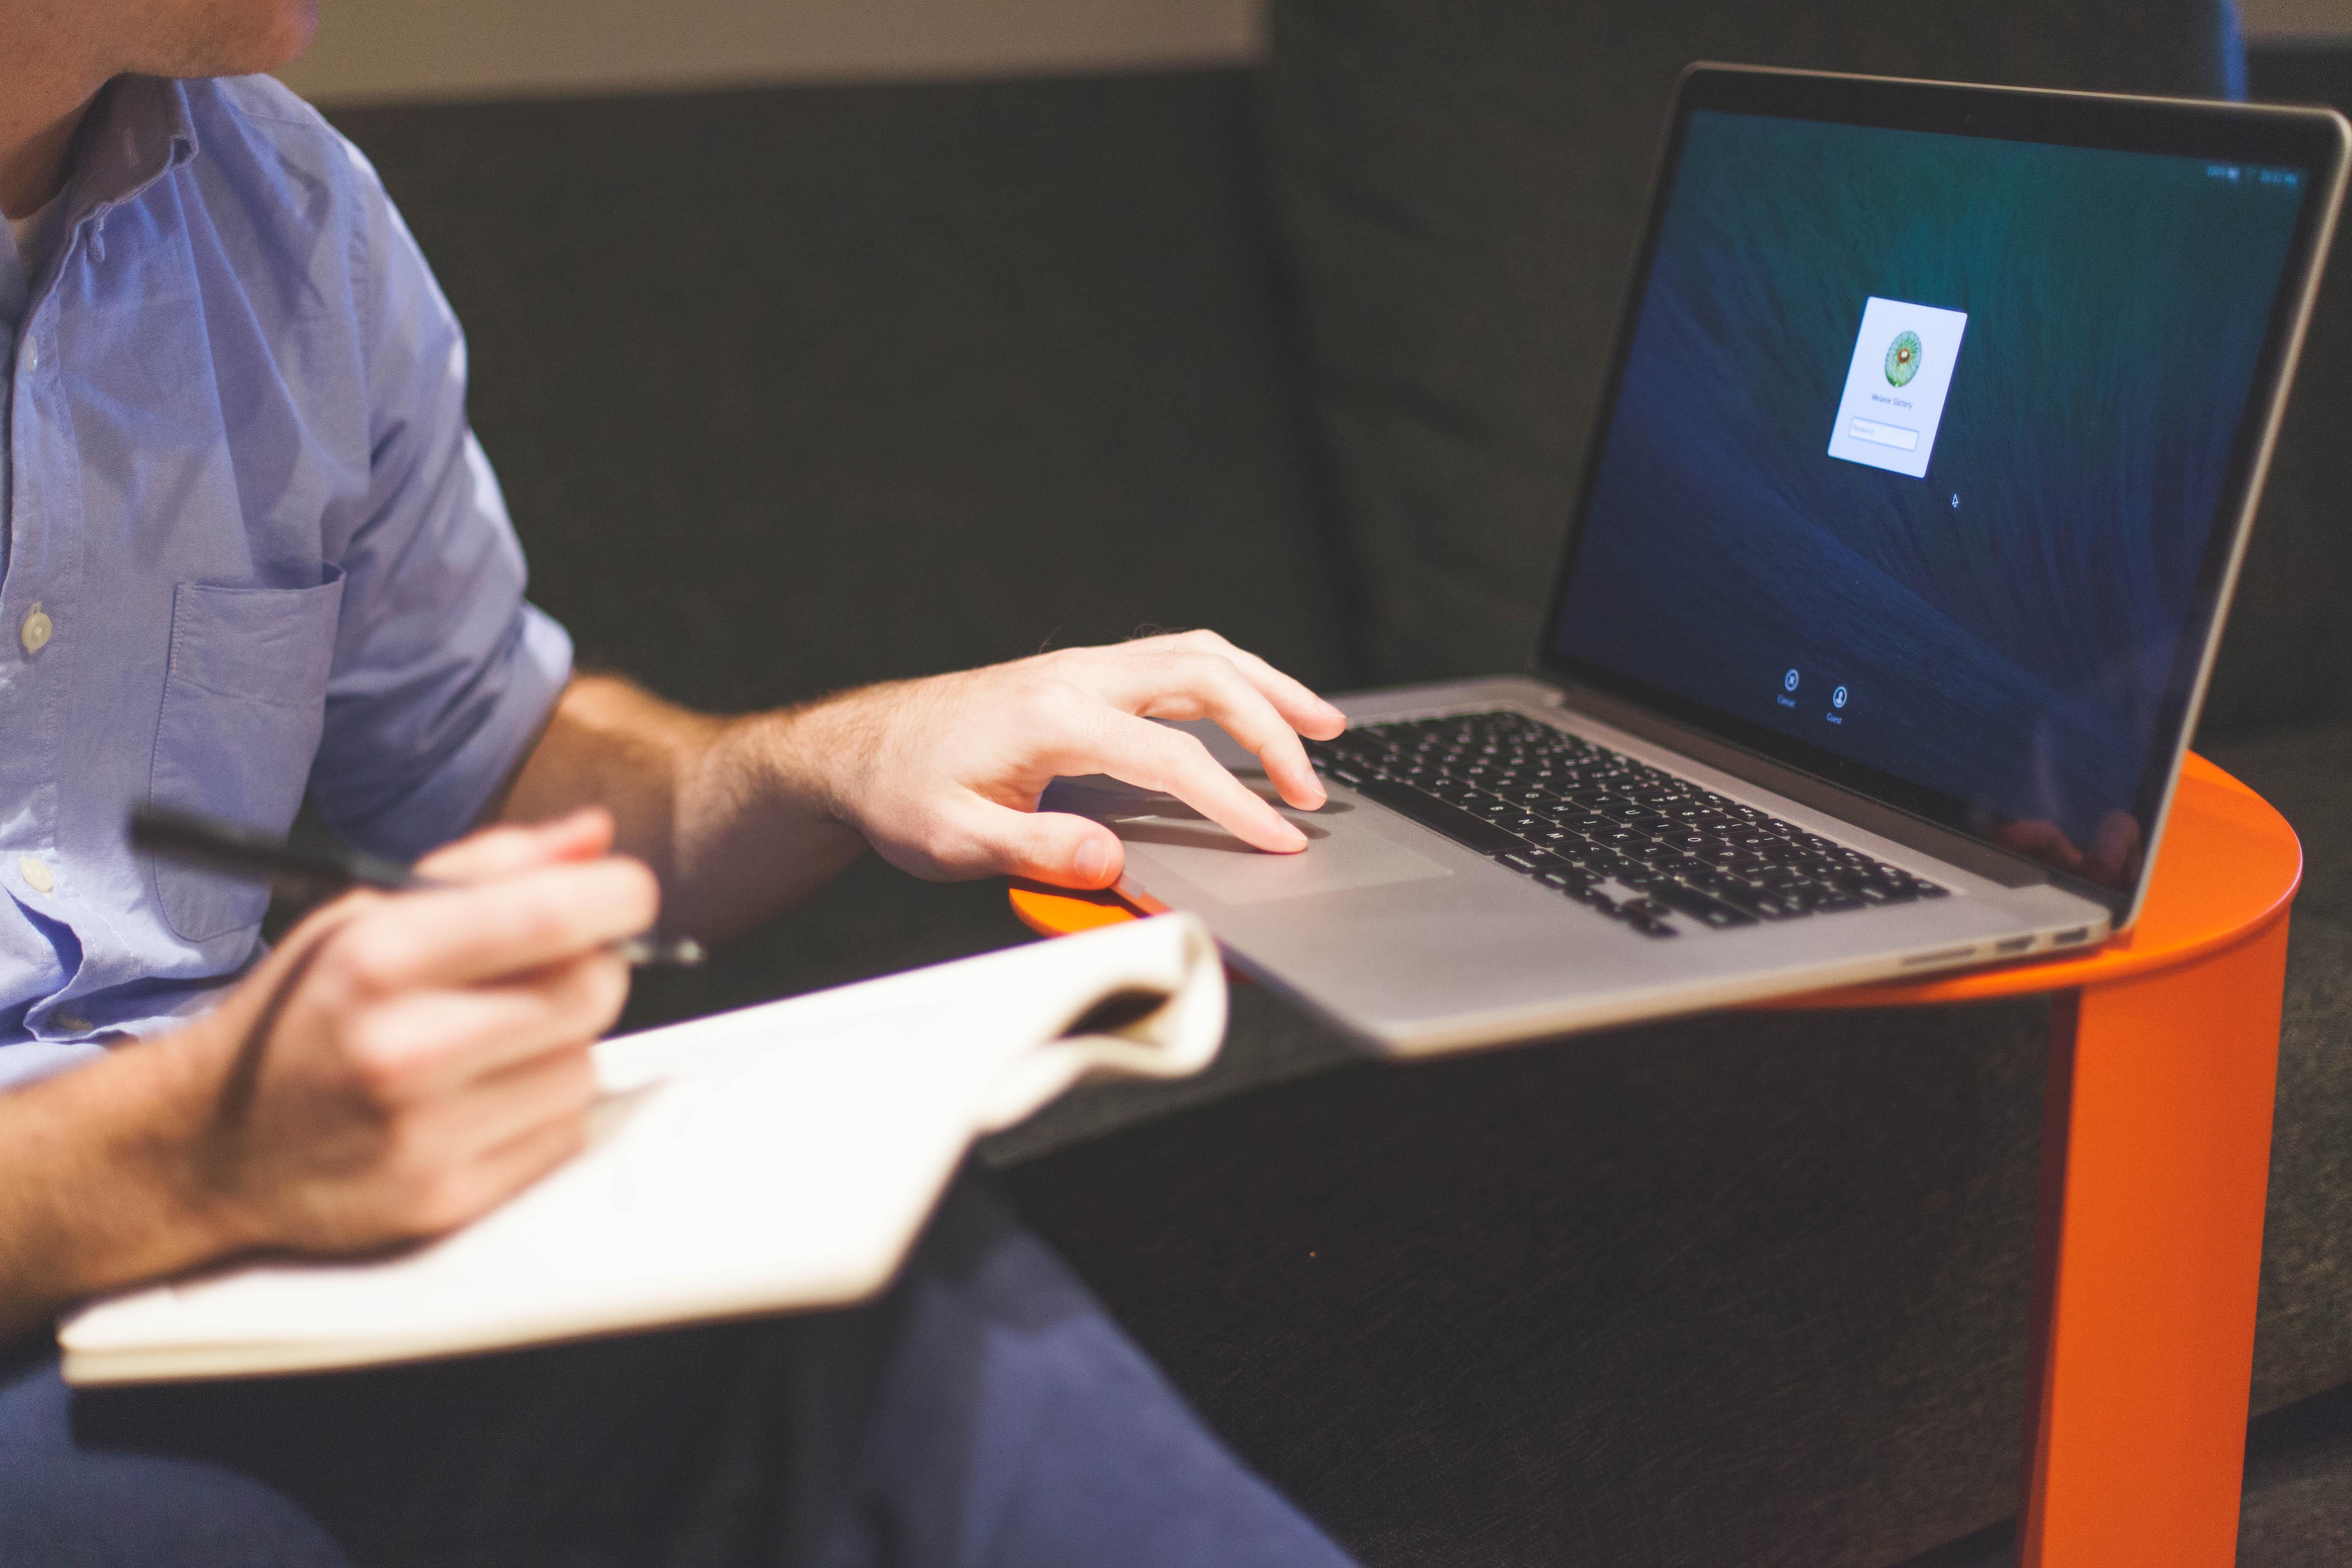 Скачать программу для обучения пользования компьютером